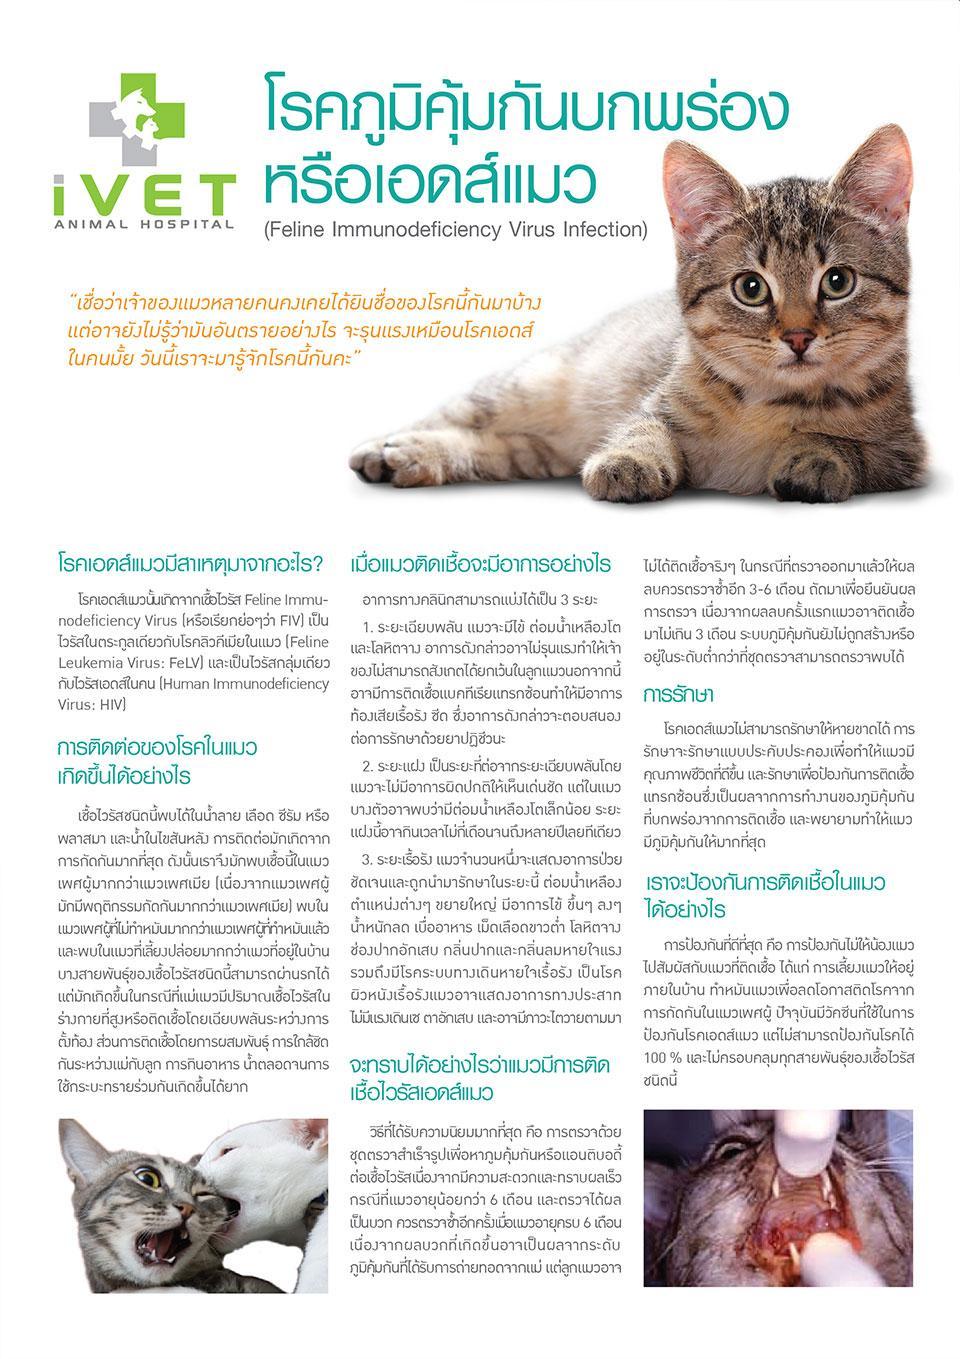 โรคภูมิคุ้มกันบกพร่อง หรือ เอดส์แมว